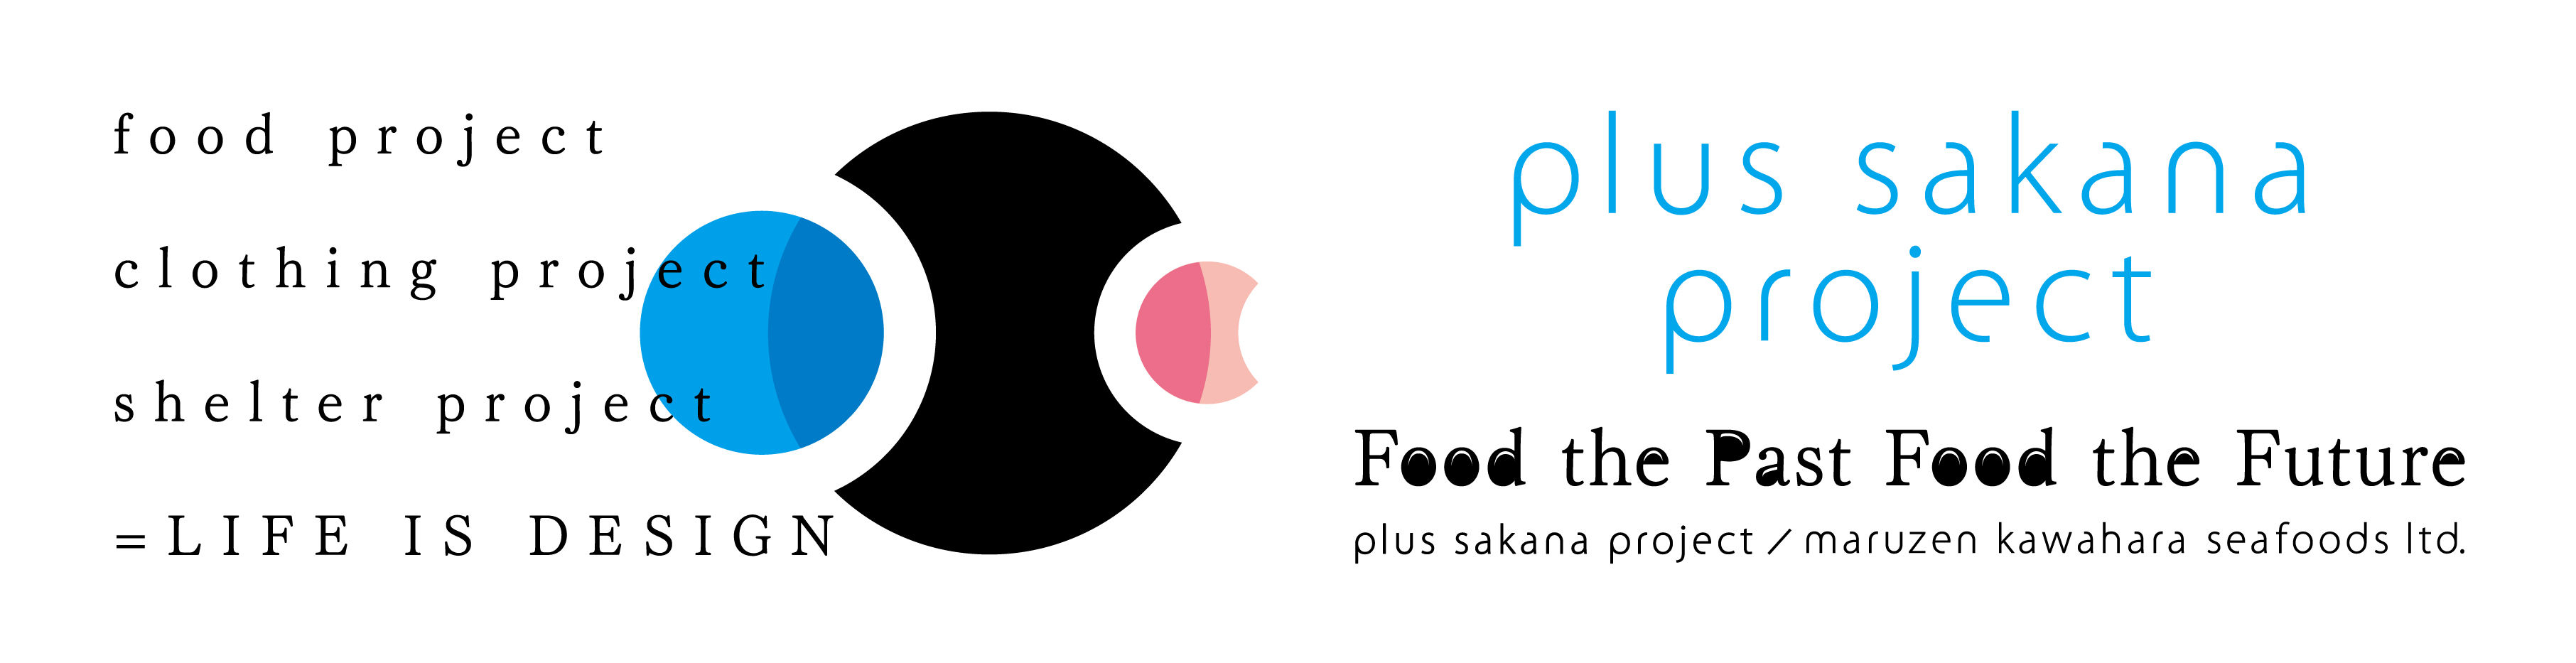 plus sakana project